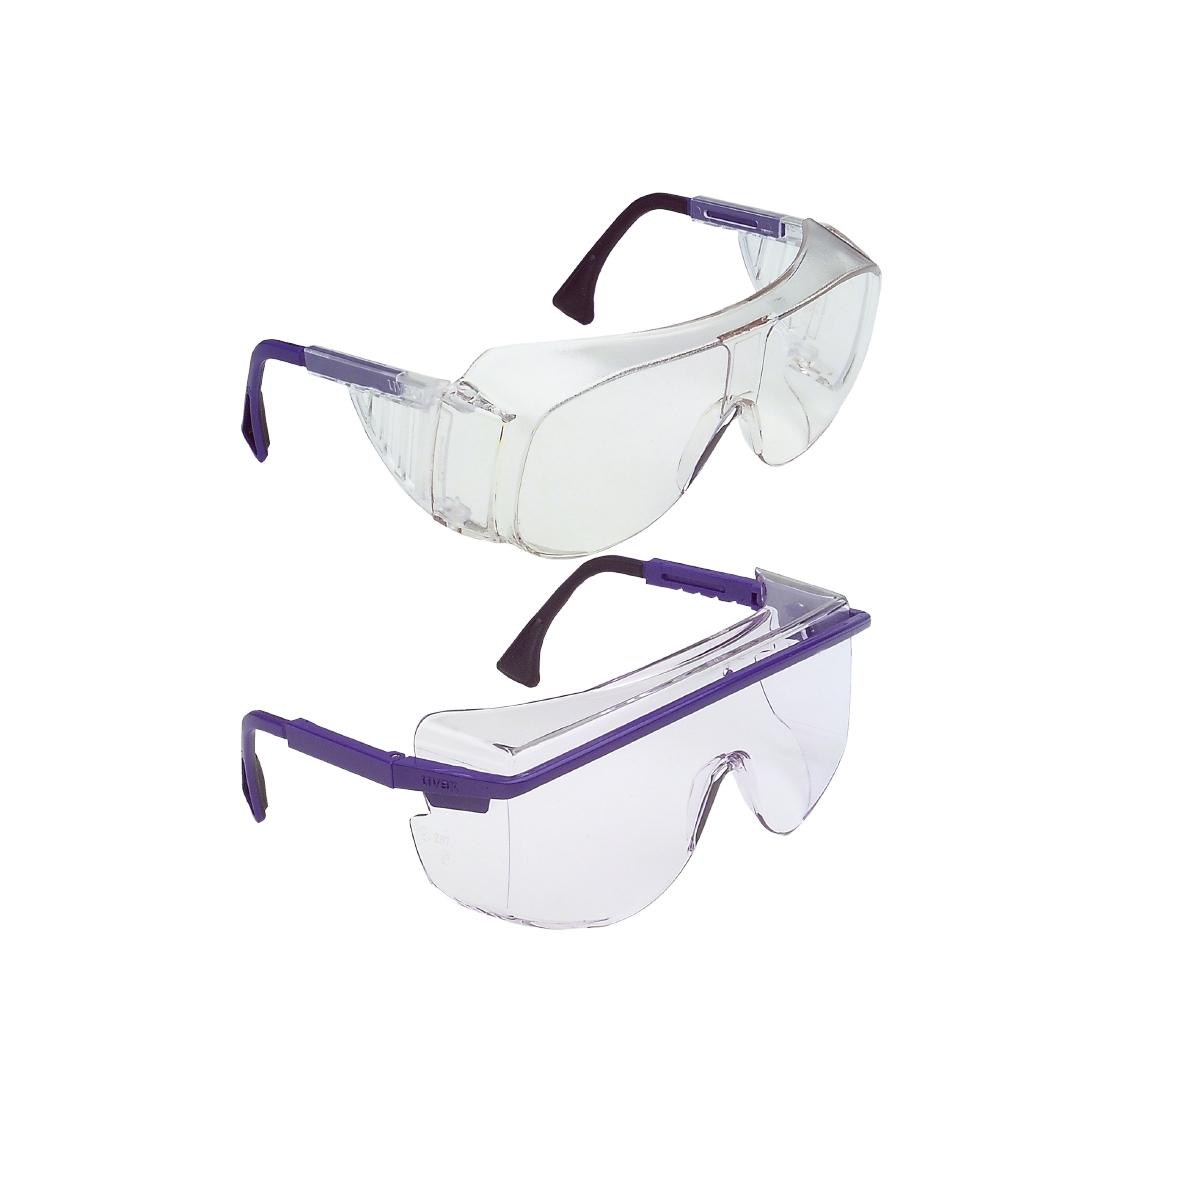 Okulary ochronne dla osób noszących okulary korekcyjne